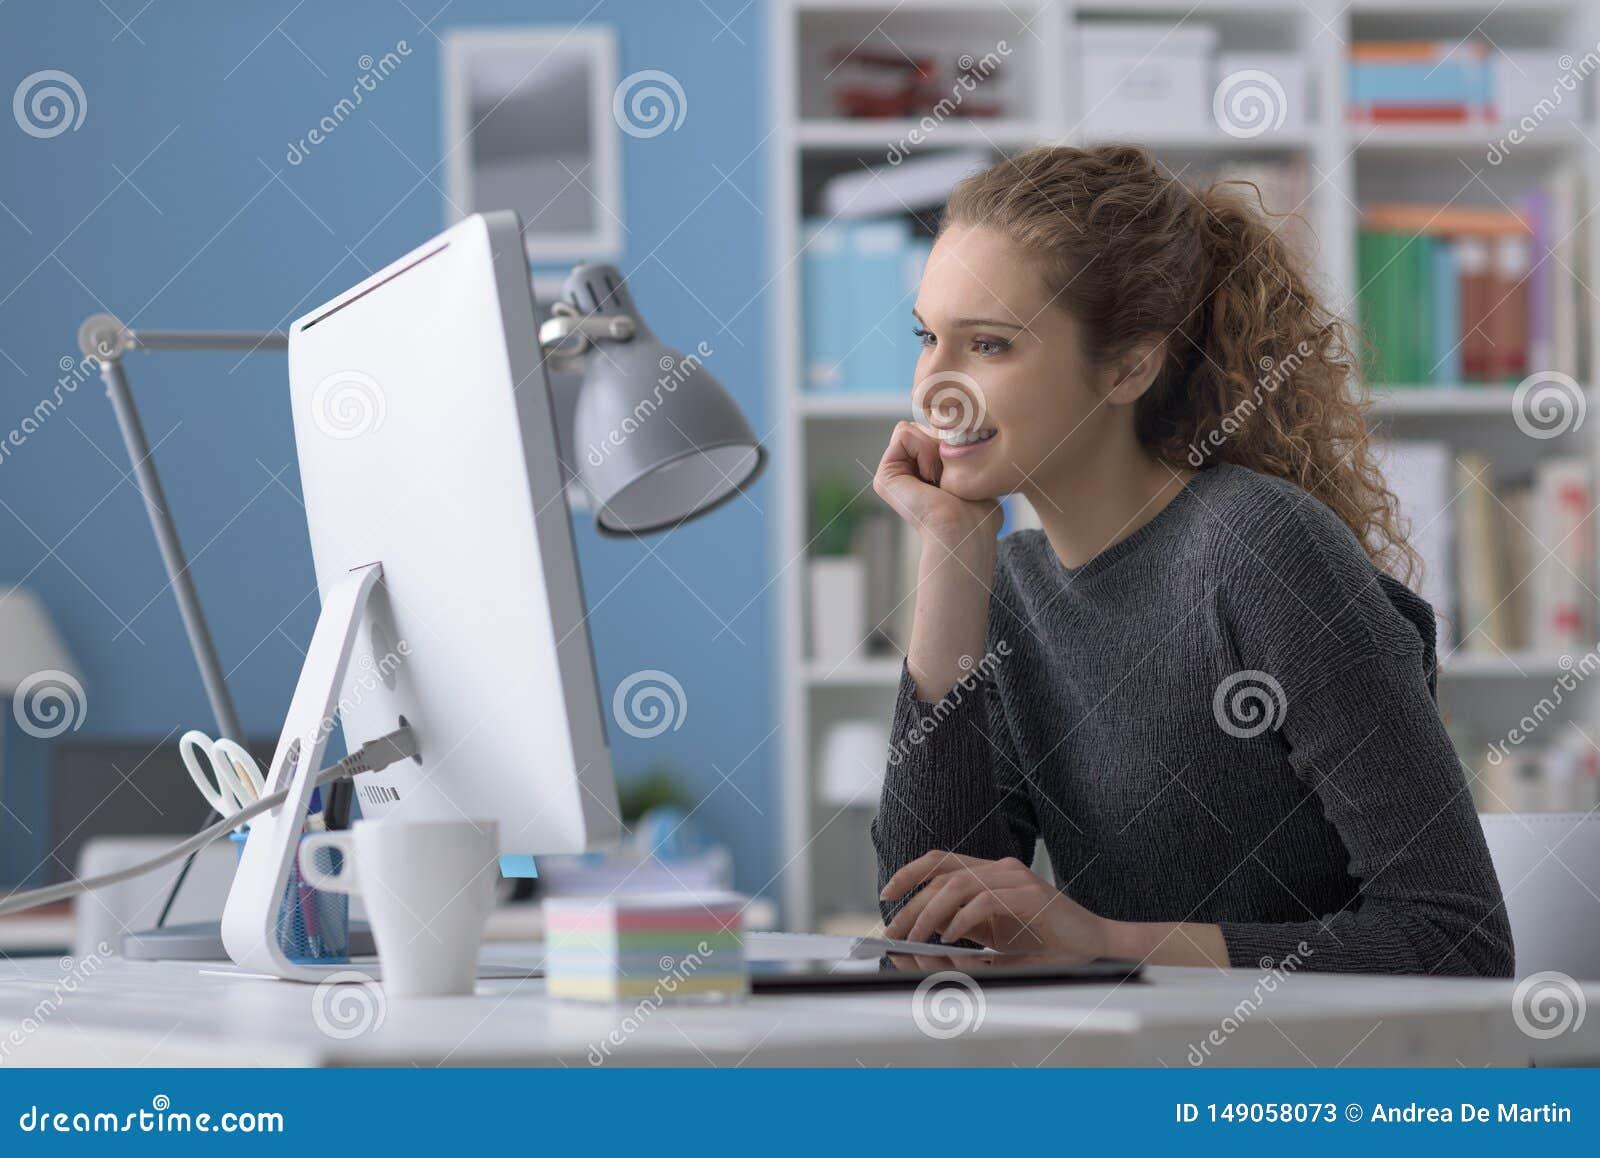 使用计算机的年轻女人在办公室